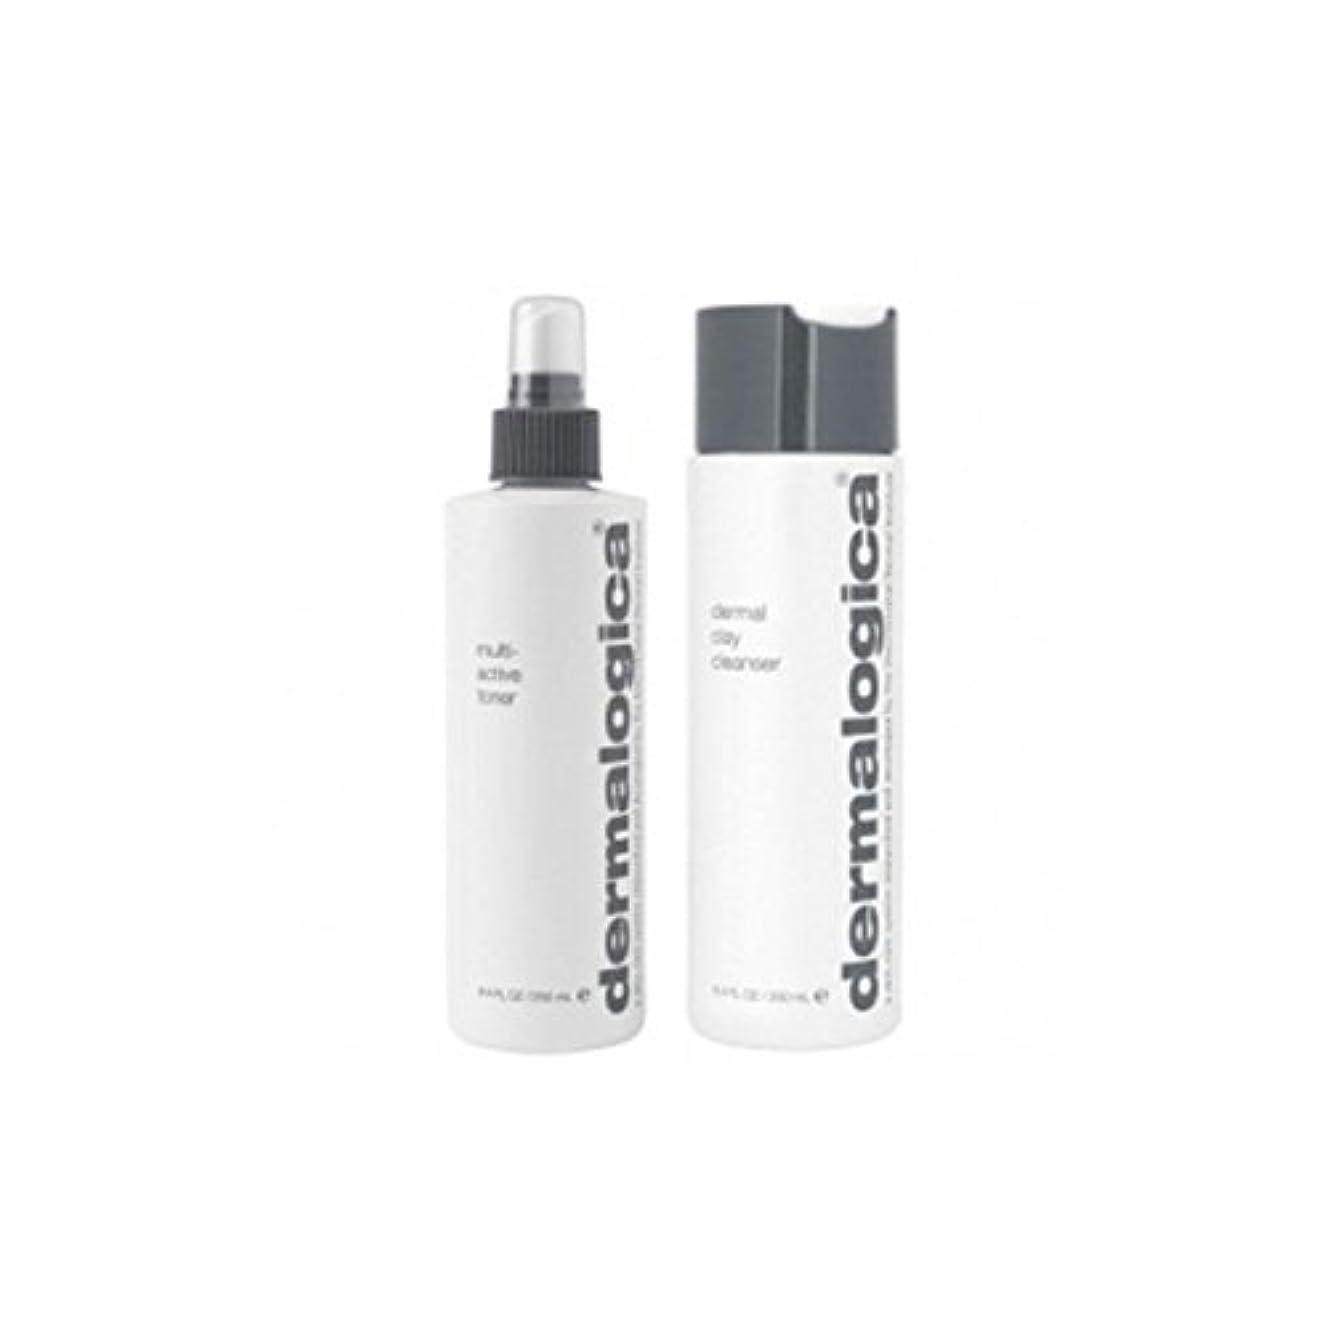 アンケート剥離苦しみDermalogica Cleanse & Tone Duo - Oily Skin (2 Products) (Pack of 6) - ダーマロジカクレンジング&トーンデュオ - 脂性肌(2製品) x6 [並行輸入品]